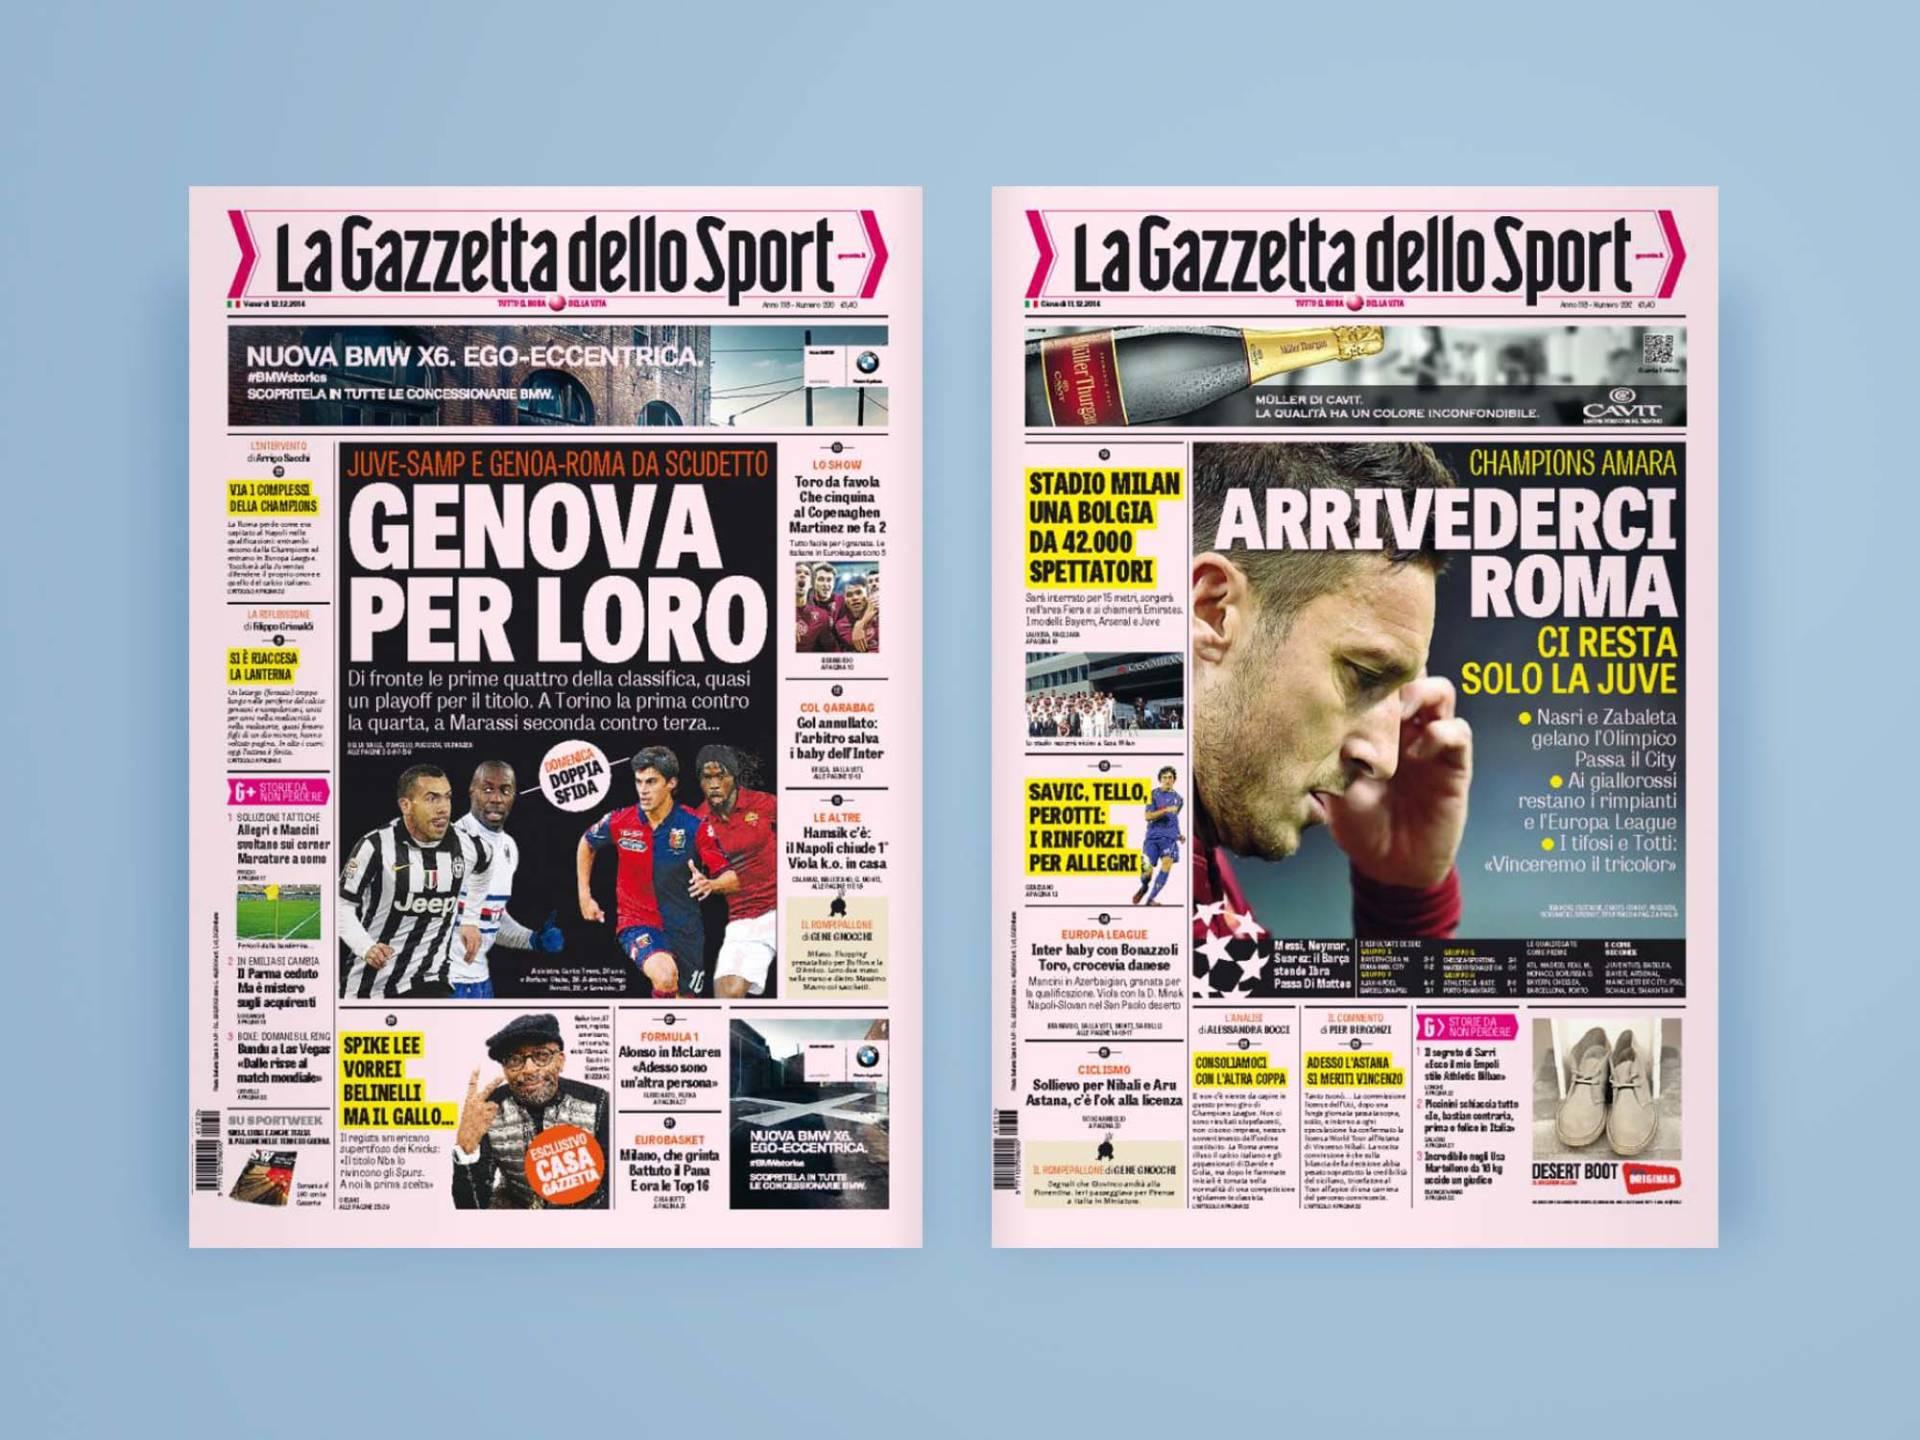 La_Gazzetta_Dello_Sport_03_Wenceslau_News_Design